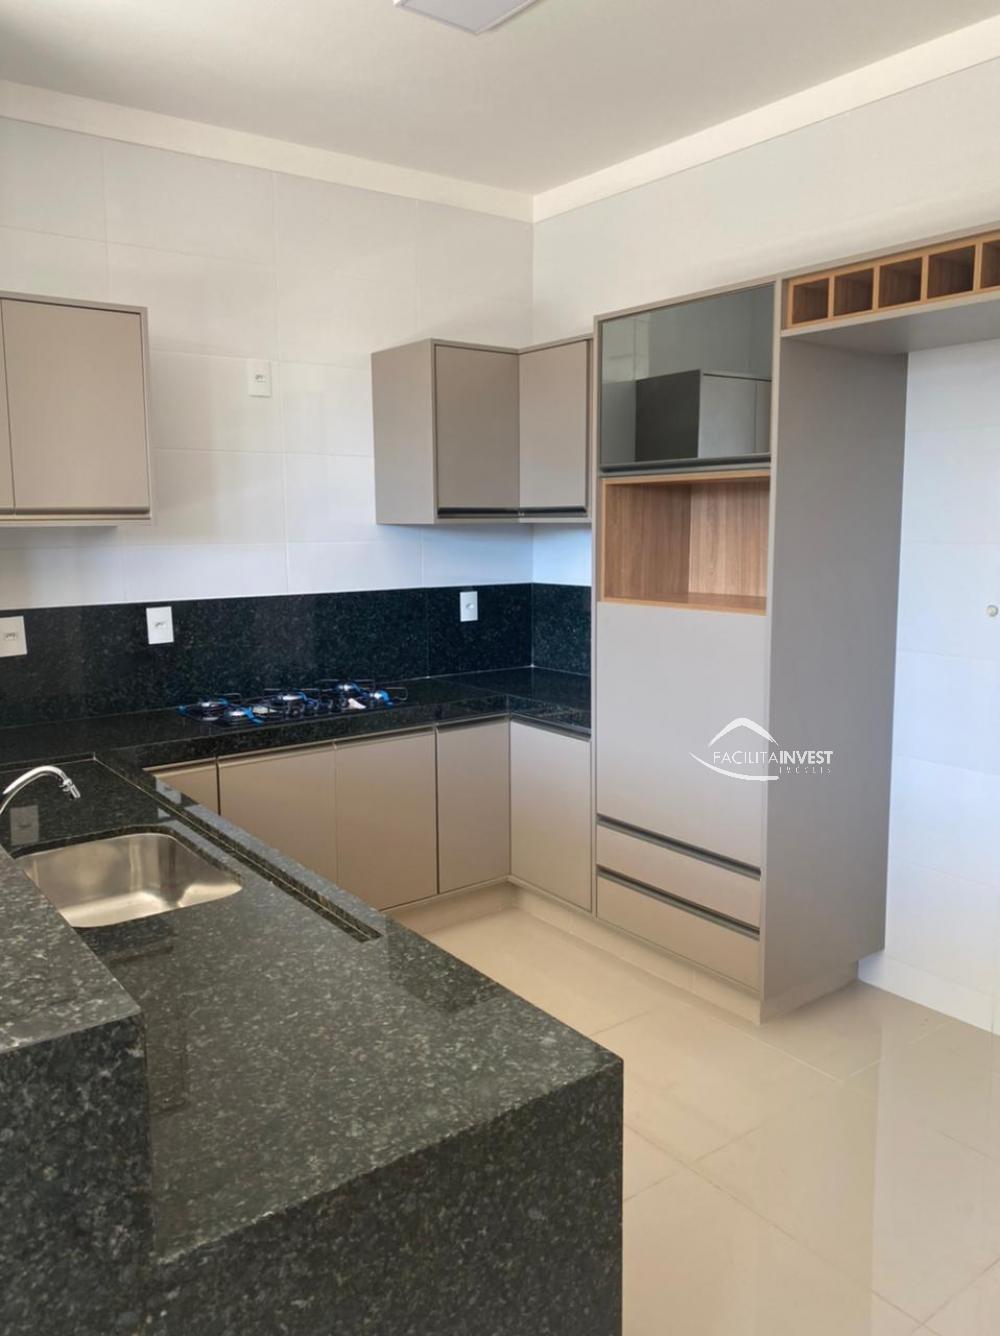 Comprar Casa Condomínio / Casa Condomínio em Ribeirão Preto R$ 875.000,00 - Foto 11